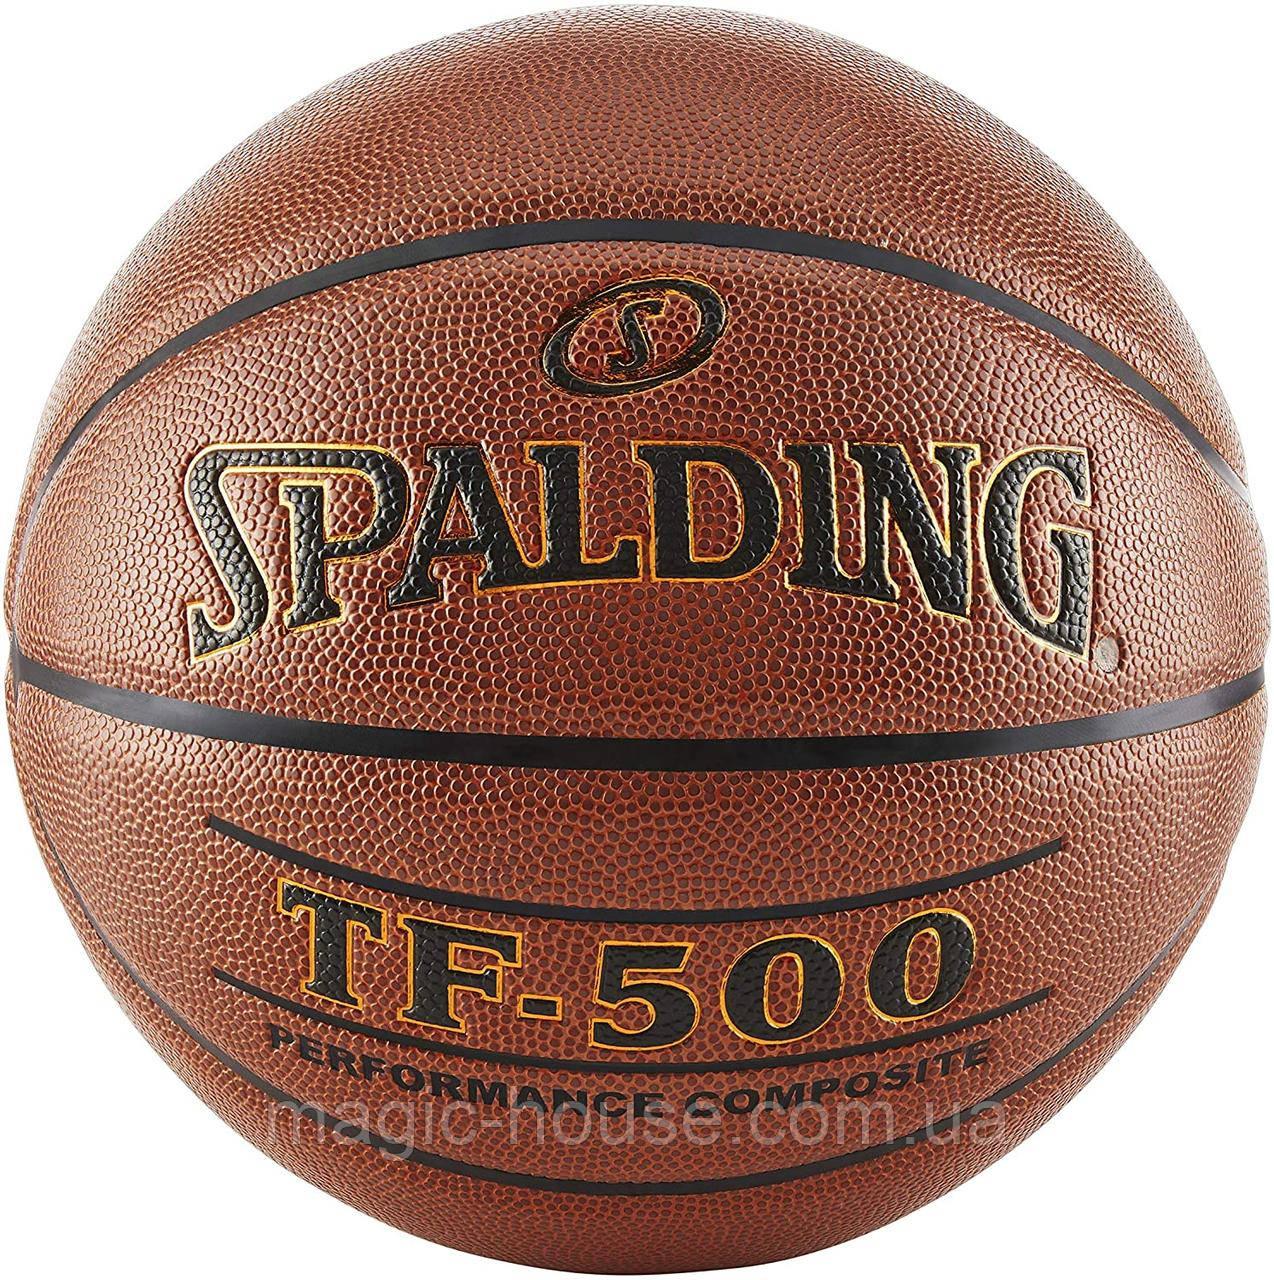 М'яч баскетбольний Spalding TF-500 Indoor/Outdoor Basketball оригінал розмір 7 композитна шкіра